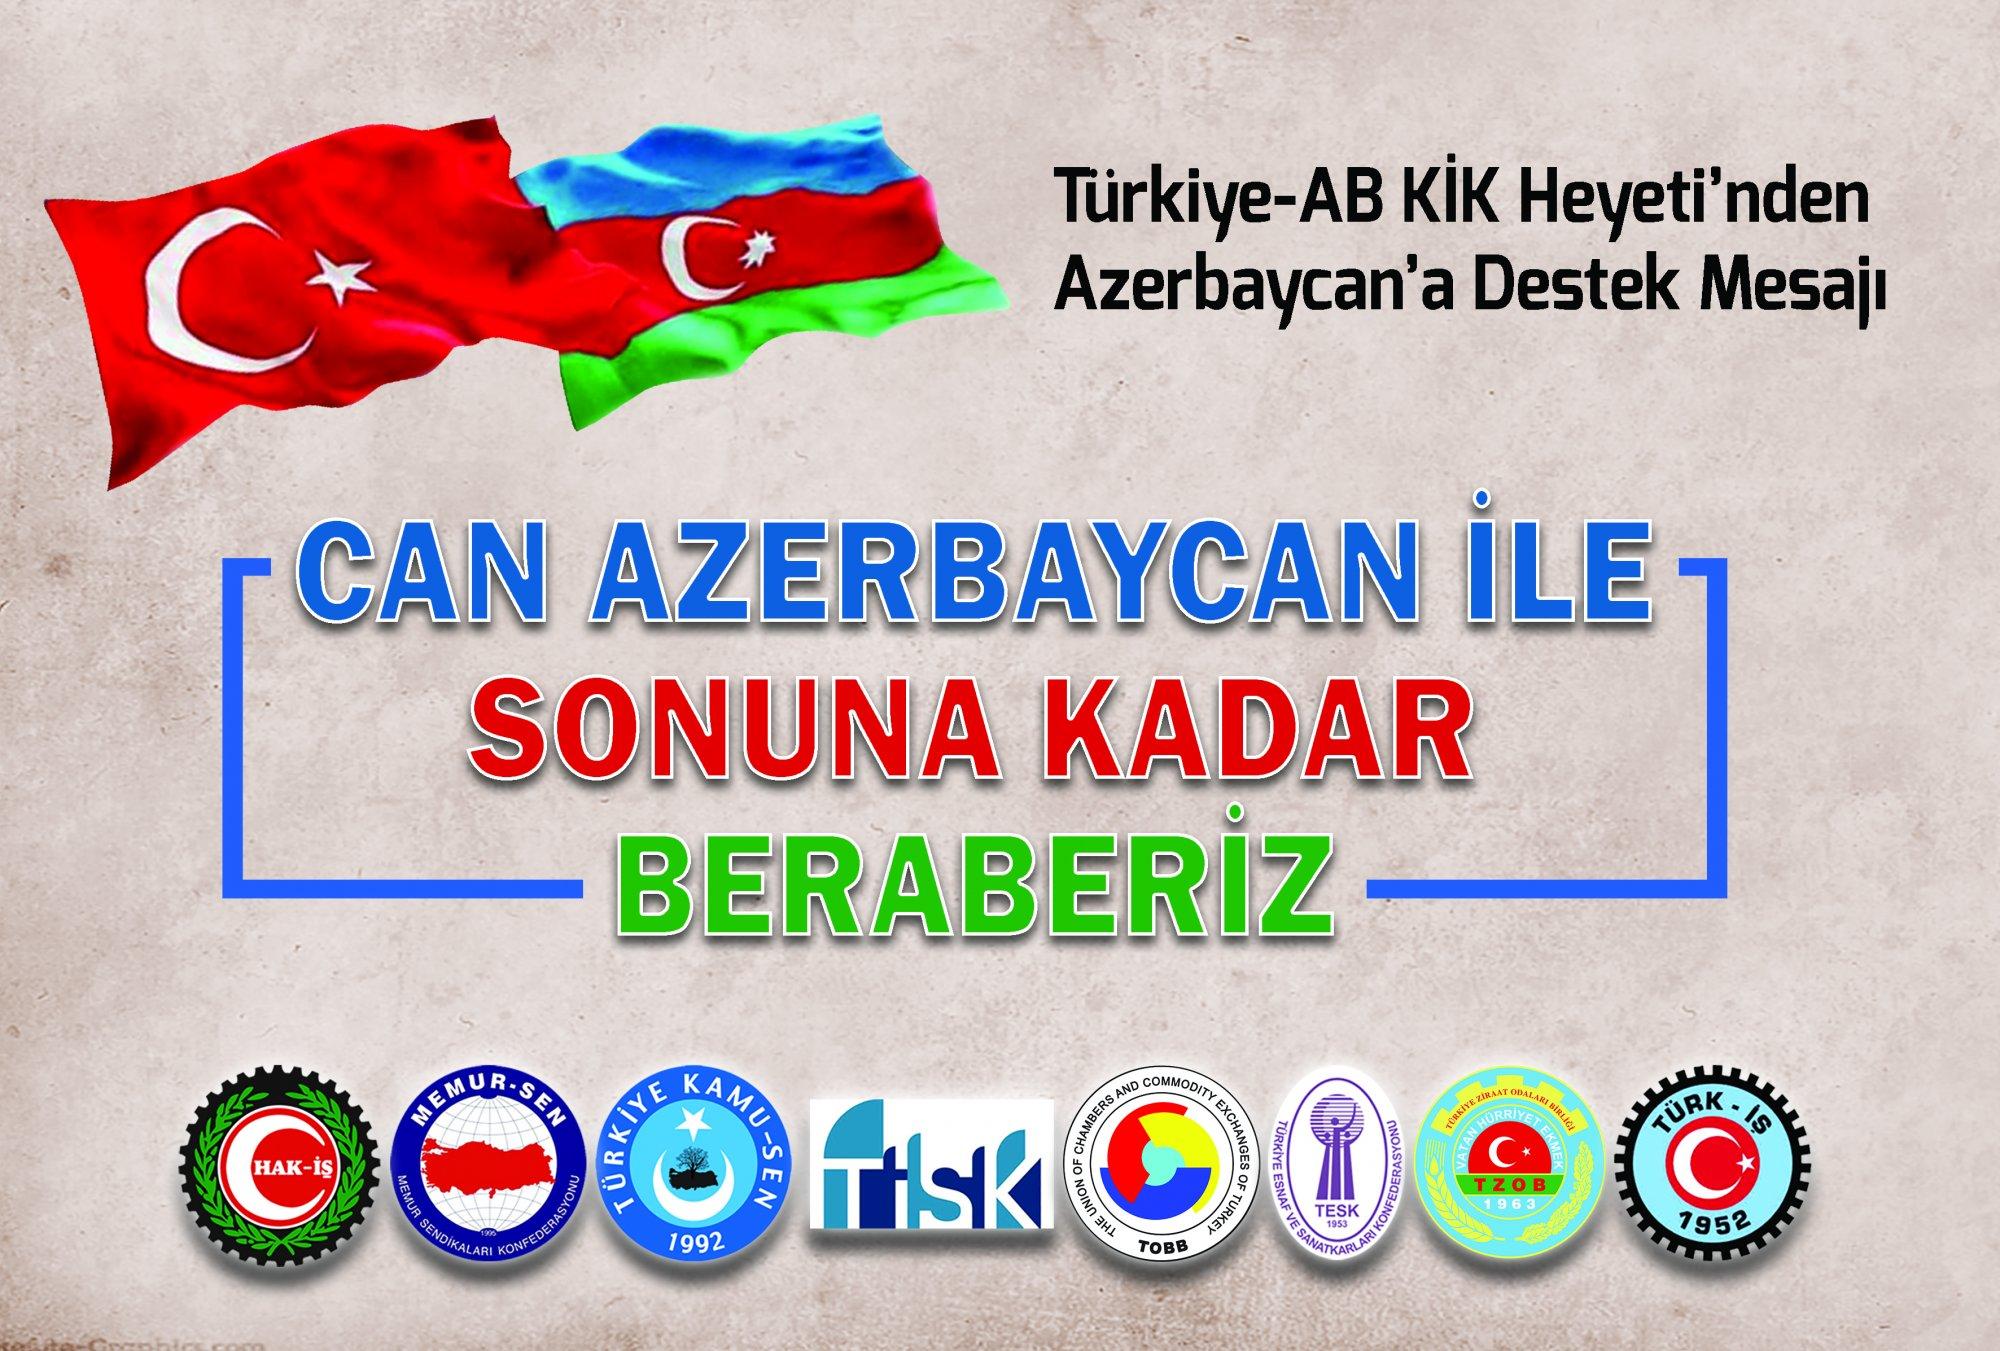 TÜRKİYE AB-KİK HEYETİNDEN AZERBAYCAN'A DESTEK MESAJI